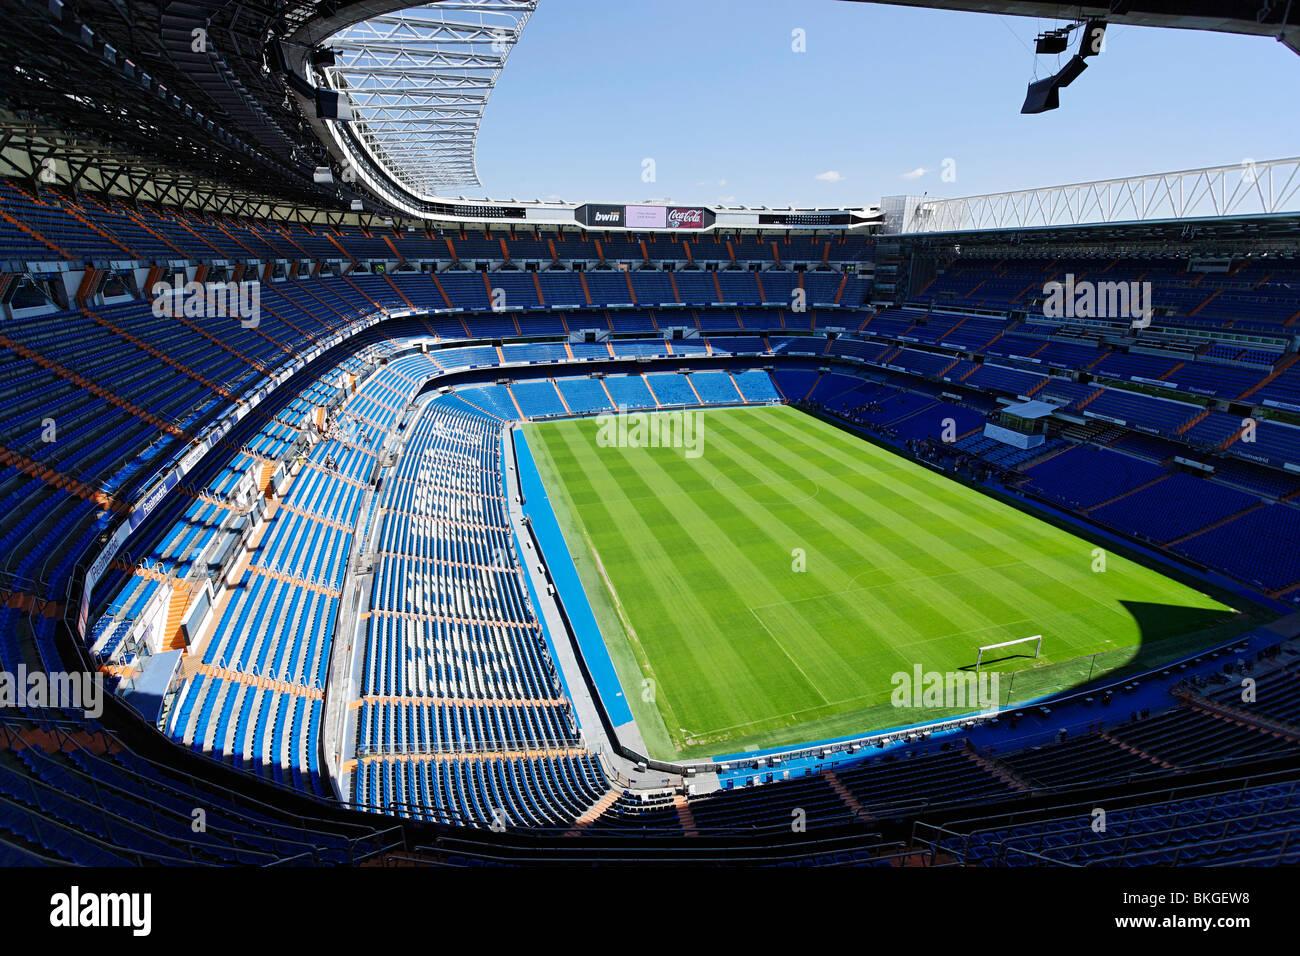 Santiago Bernabéu Stadium (UEFA Elite Stadium), Madrid, Spain - Stock Image